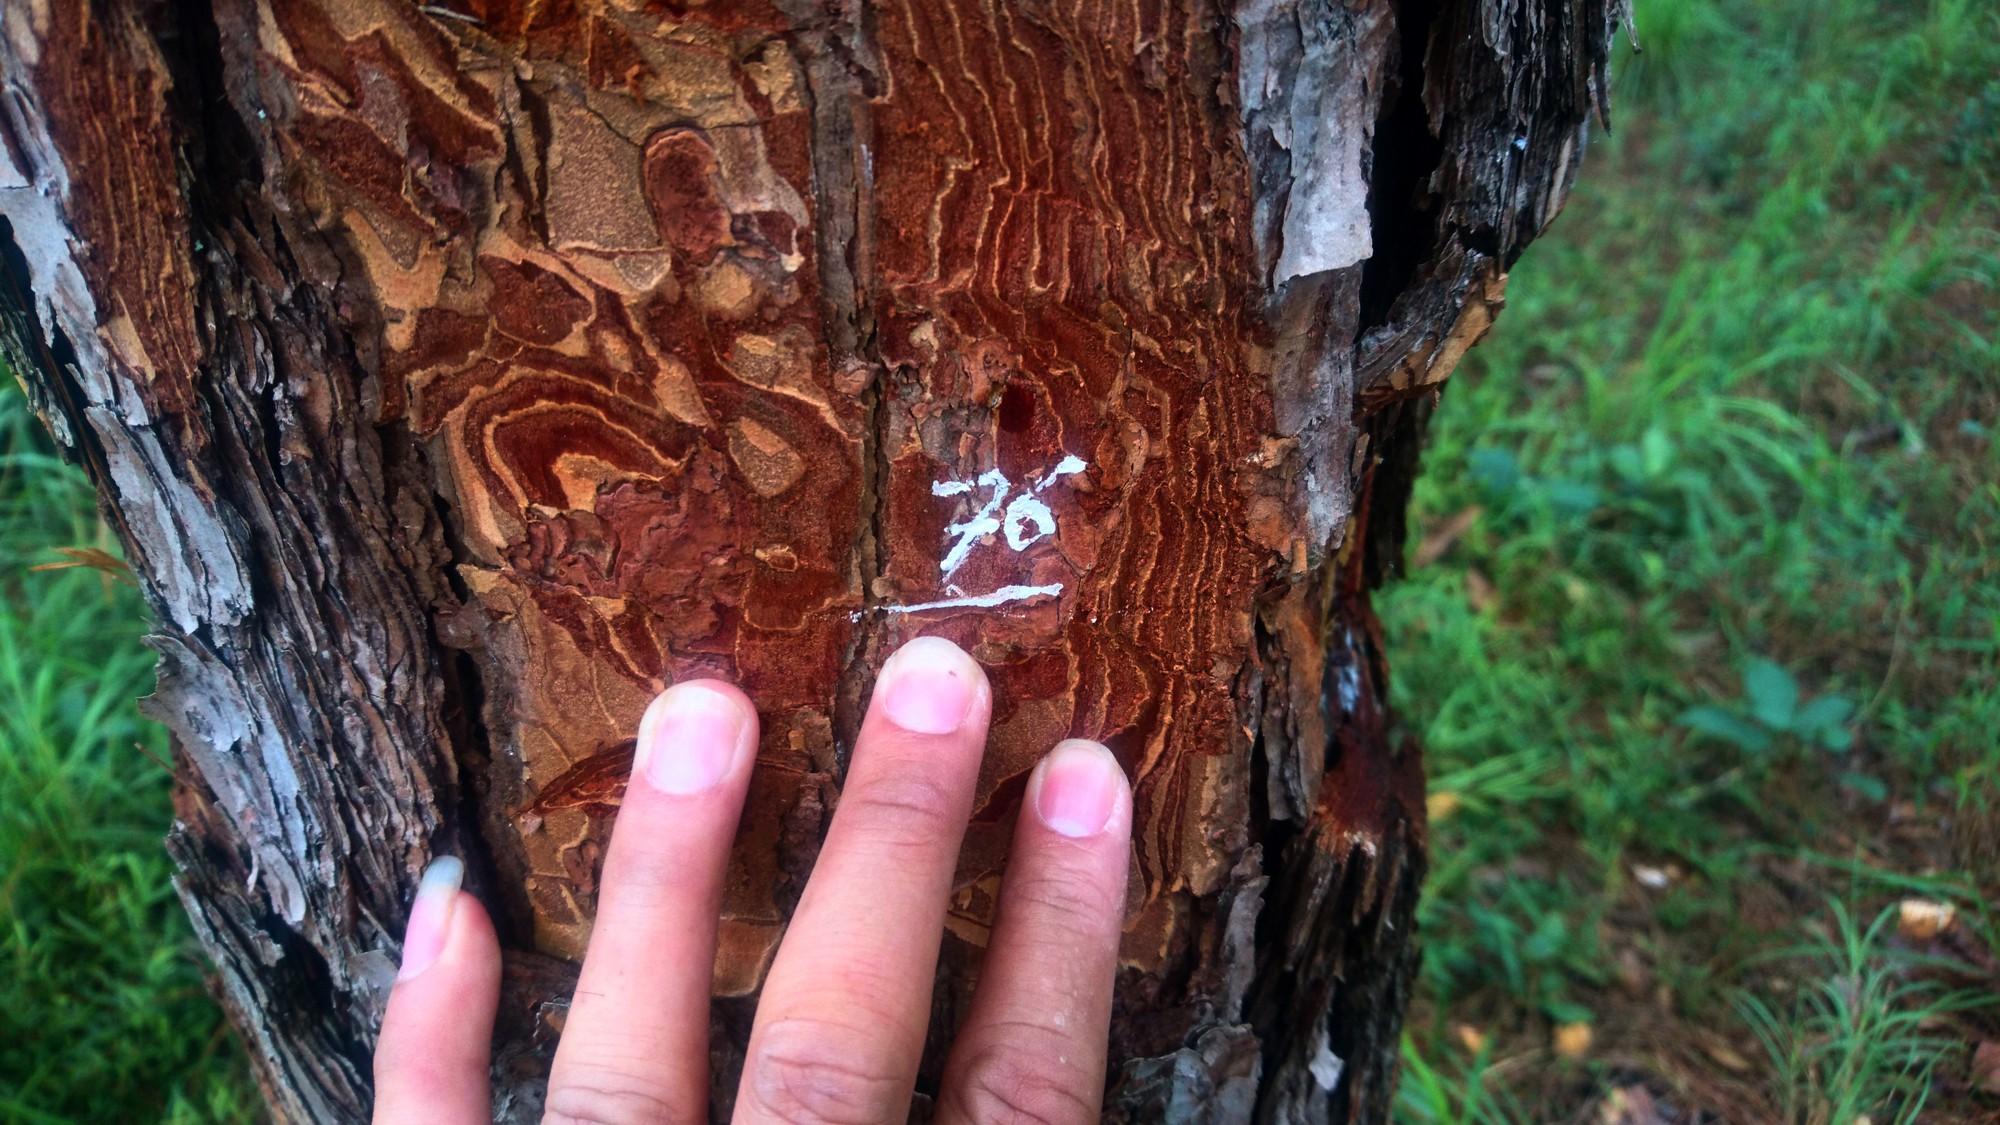 Lâm Đồng: Hơn 70 cây thông 3 lá tự nhiên bị ken gốc đổ hóa chất - Ảnh 3.